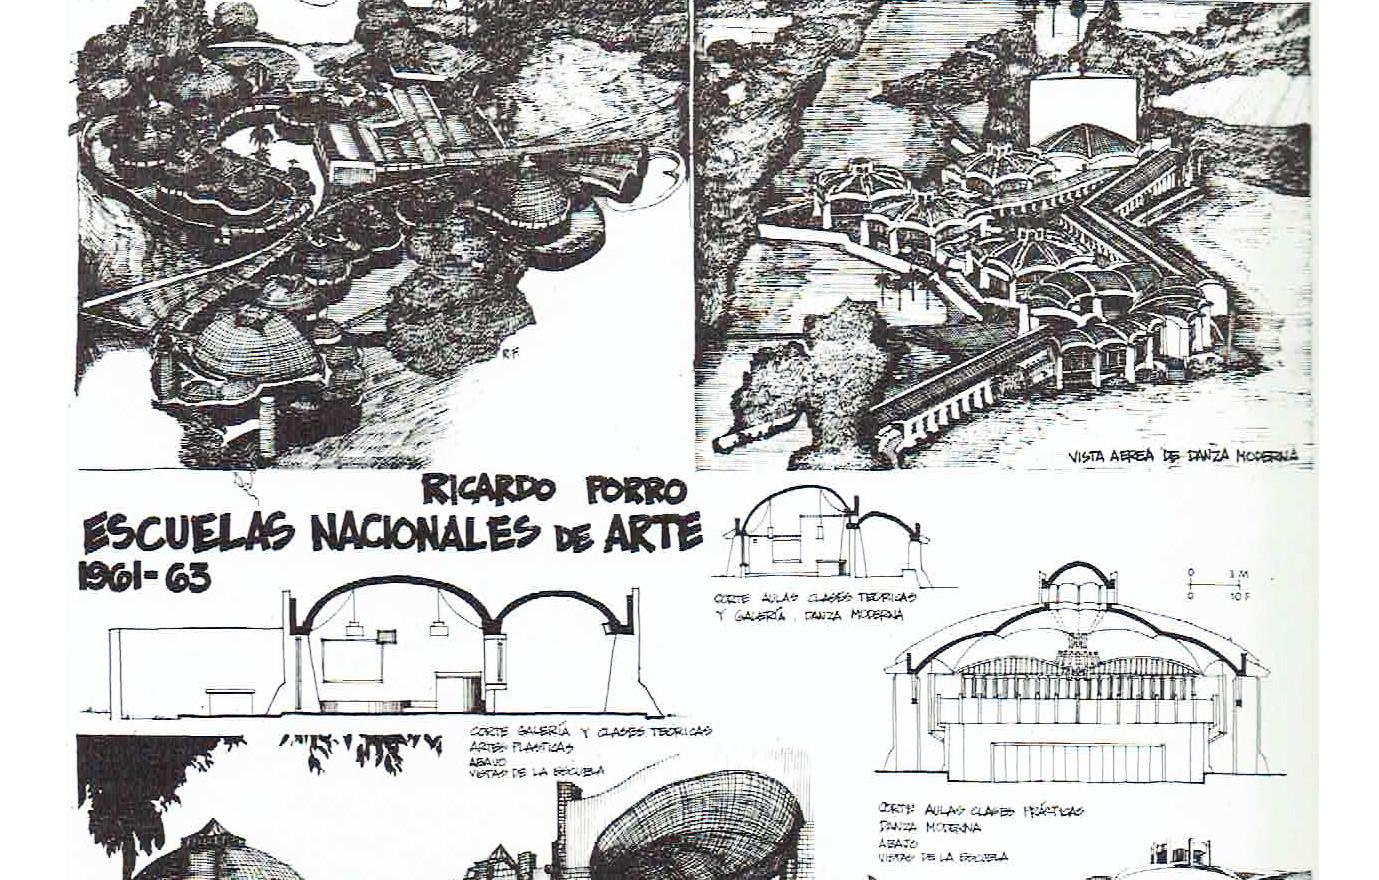 Escuelas Nacionales de Arte de Artes Plasticas y Danza. La Habana.1960 - 1964